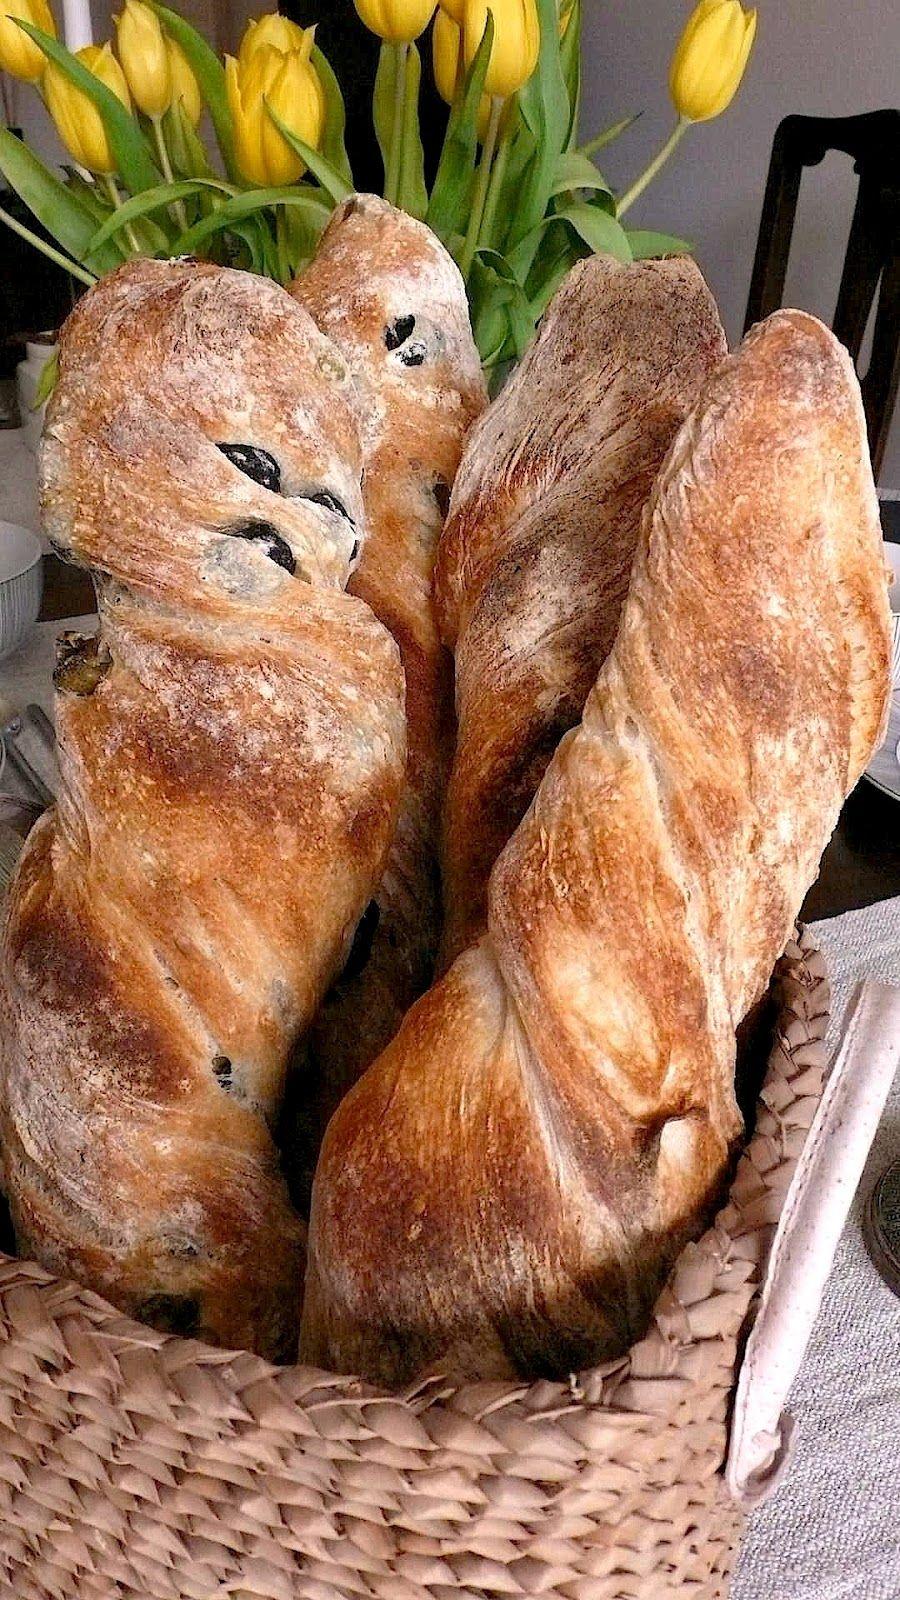 Bio-Mehl, Wasser, Salz und Fermentierter Vorteig aus wilder Hefe sind die Basis für Brot mit tollem Geschmack, Konsistenz und Aussehen...   ...